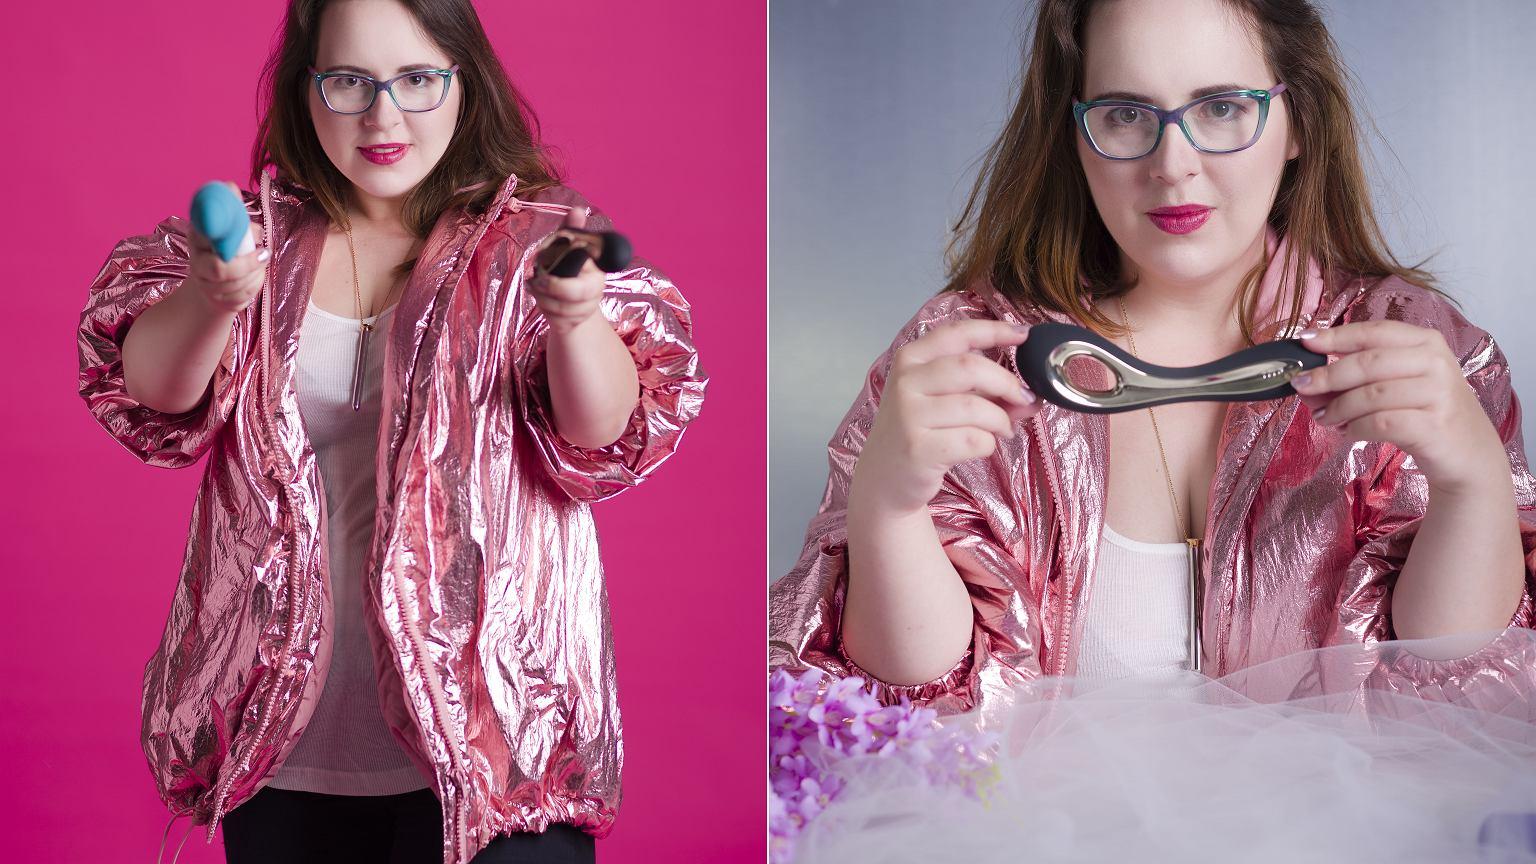 Natalia Grubizna, twórczyni bloga Proseksualna.pl: Mam około 300 gadżetów erotycznych